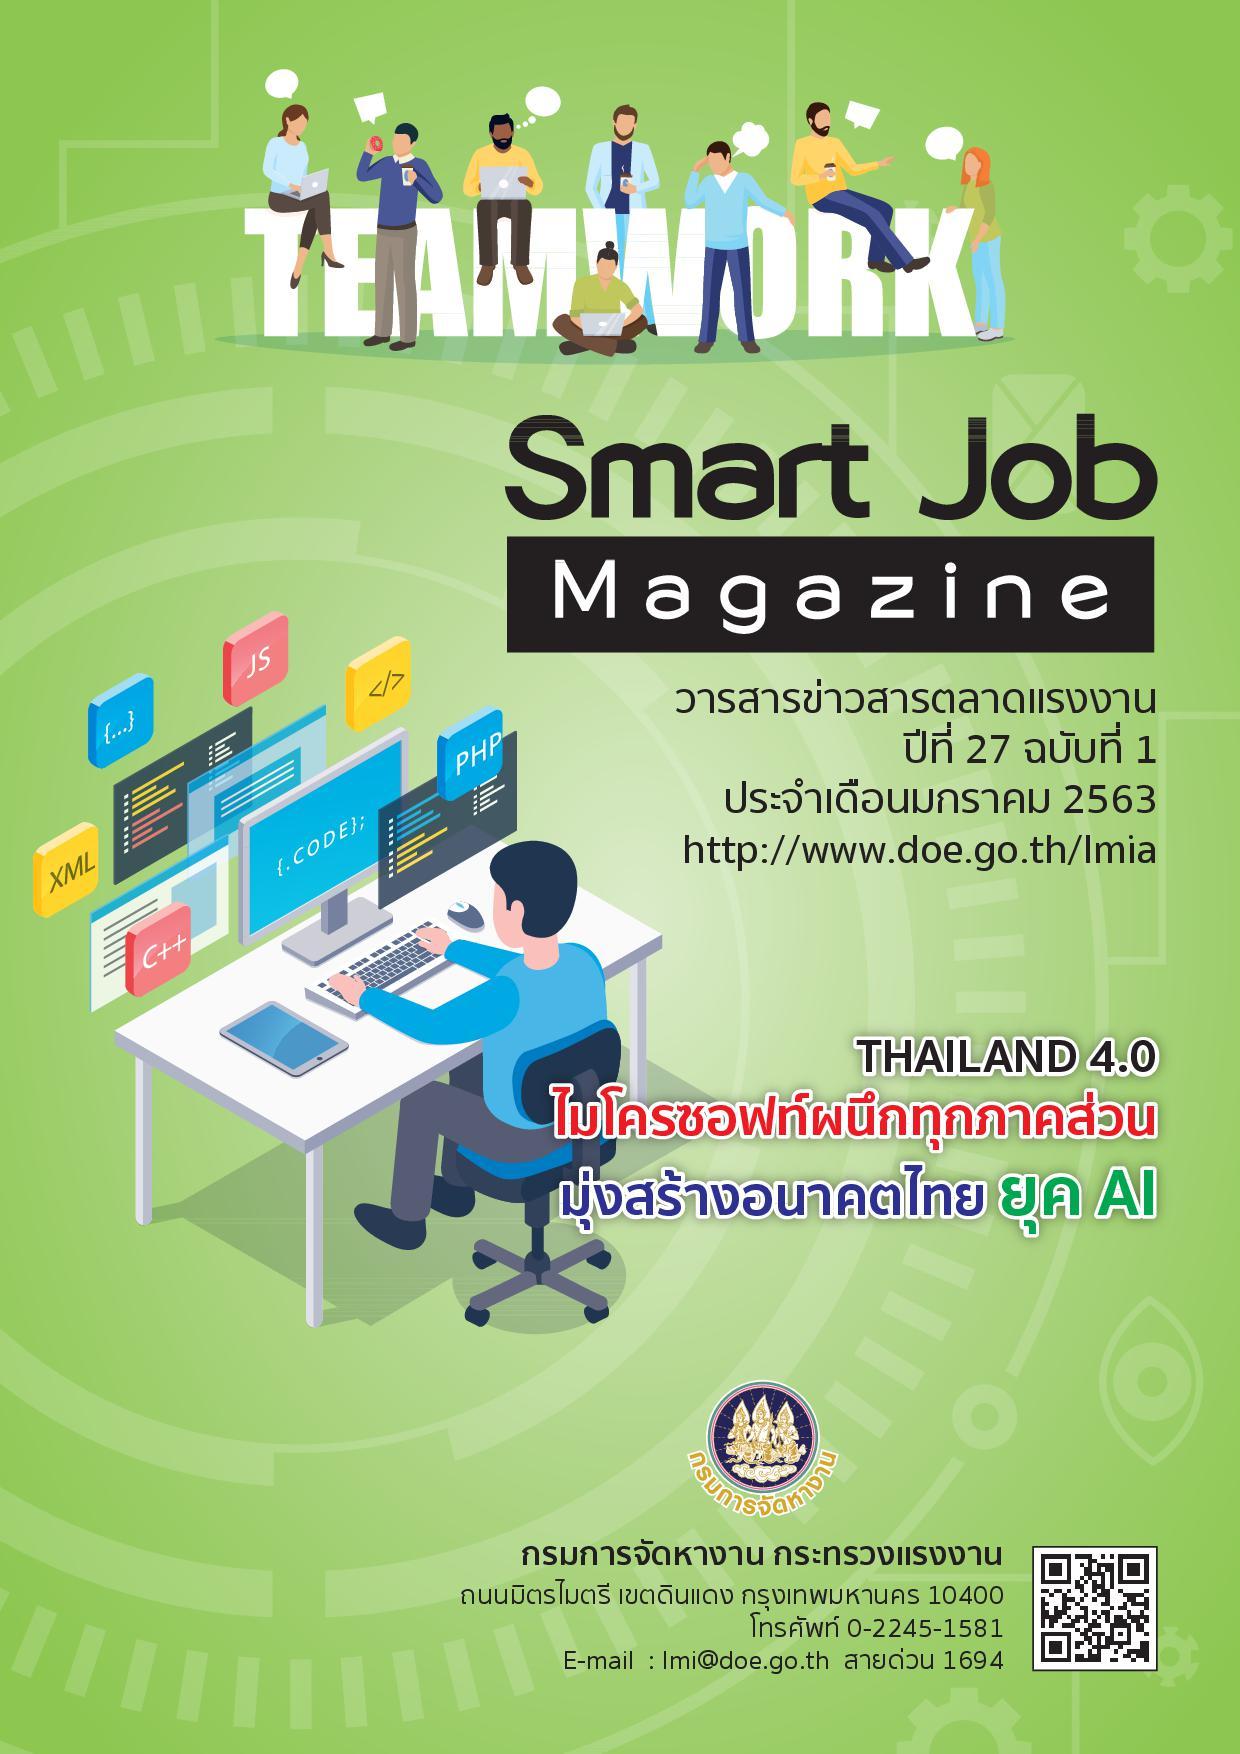 วารสารข่าวสารตลาดแรงงาน ปีที่ 27 ฉบับที่ 1 เดือนมกราคม 2563